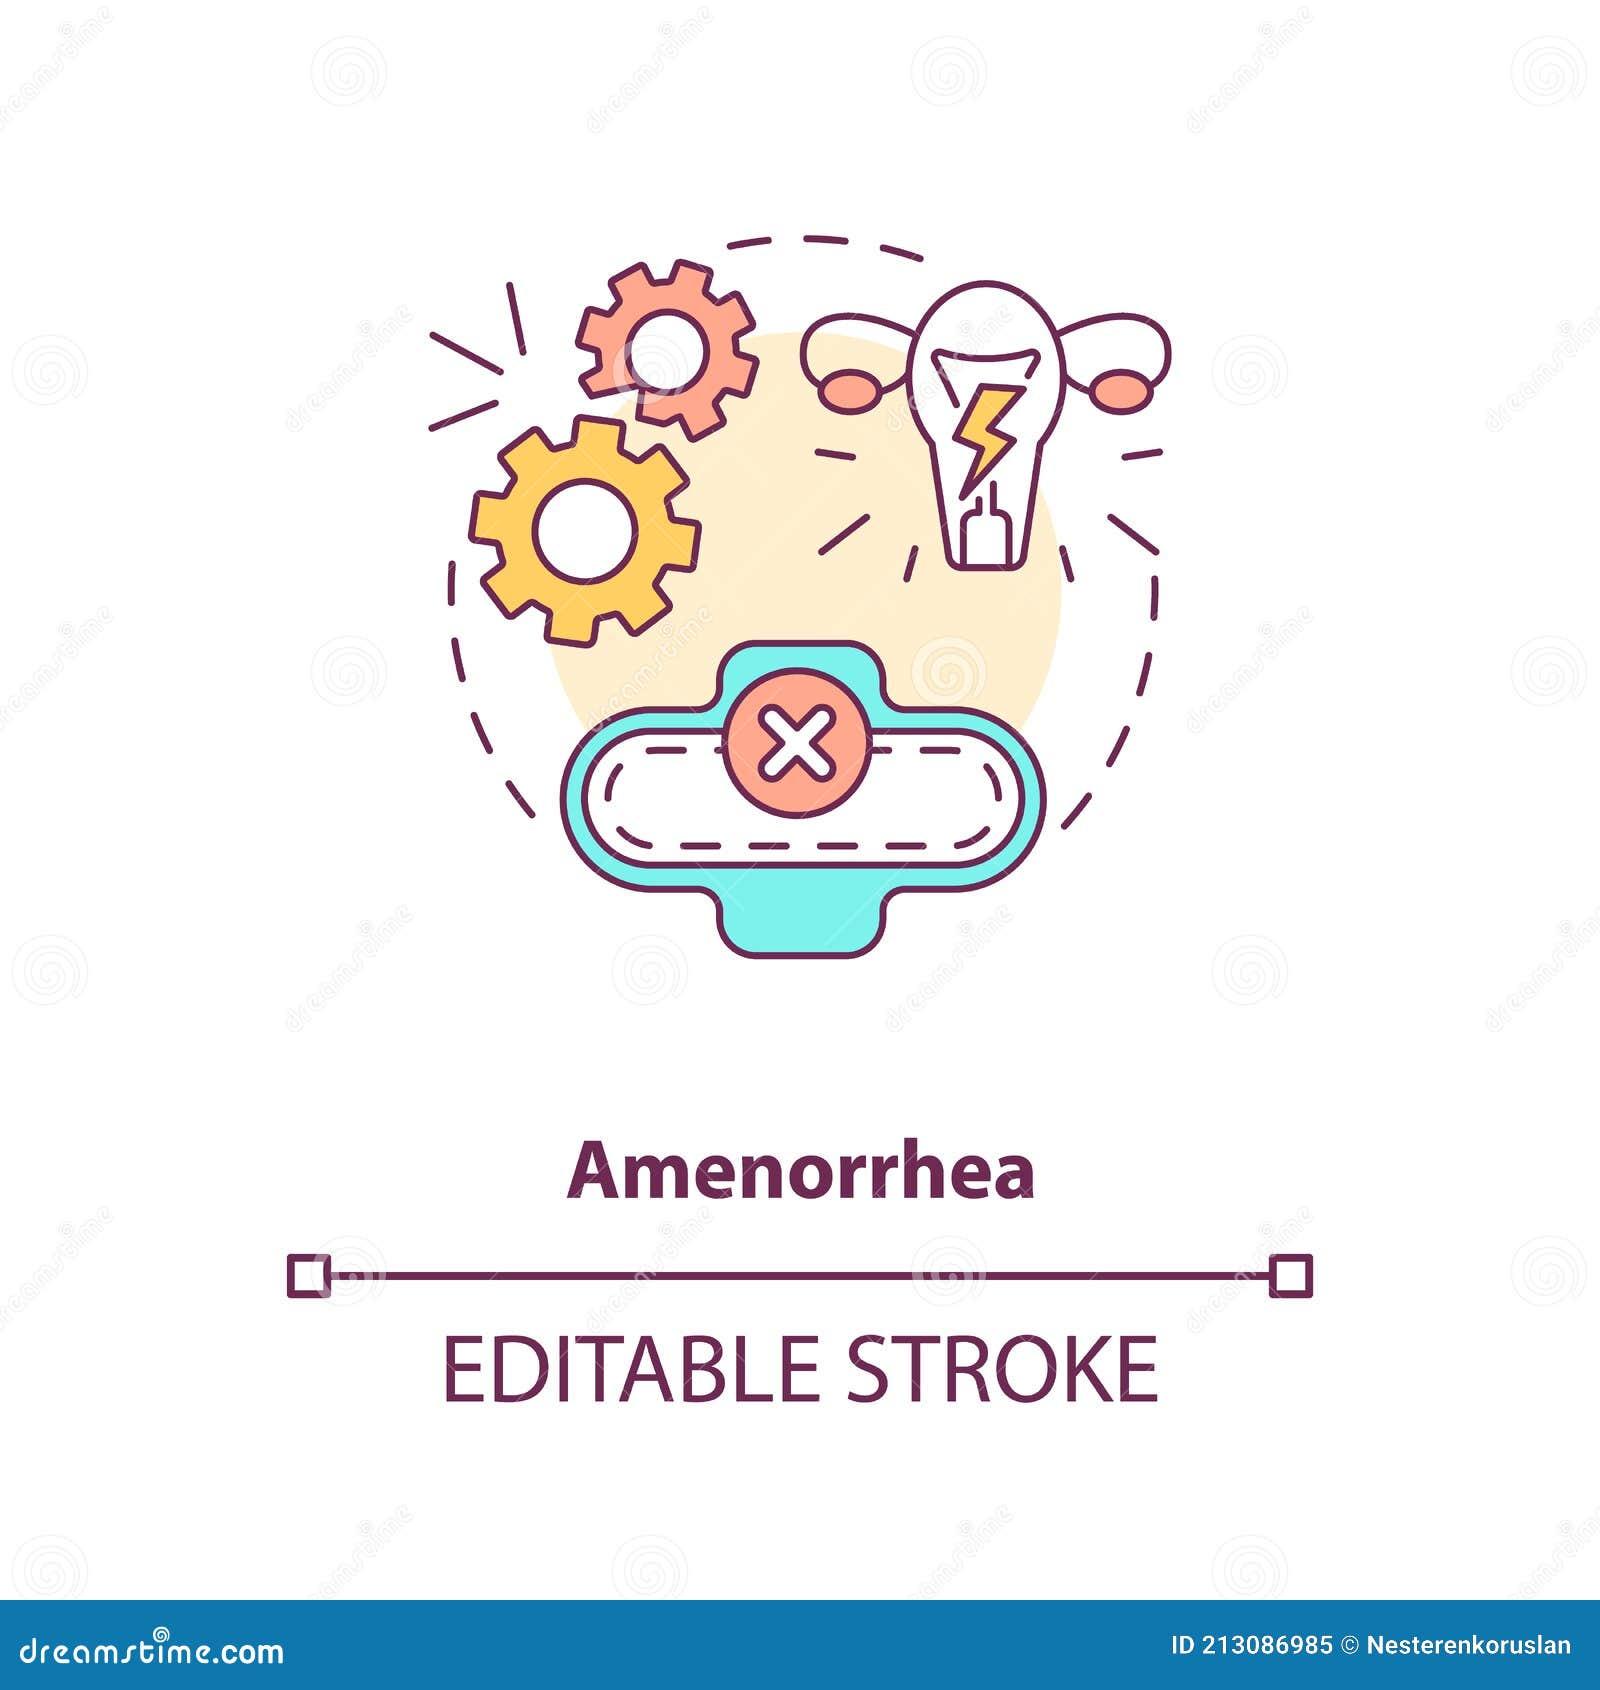 Amenorrea Ilustraciones Stock Vectores Y Clipart 98 Ilustraciones Stock